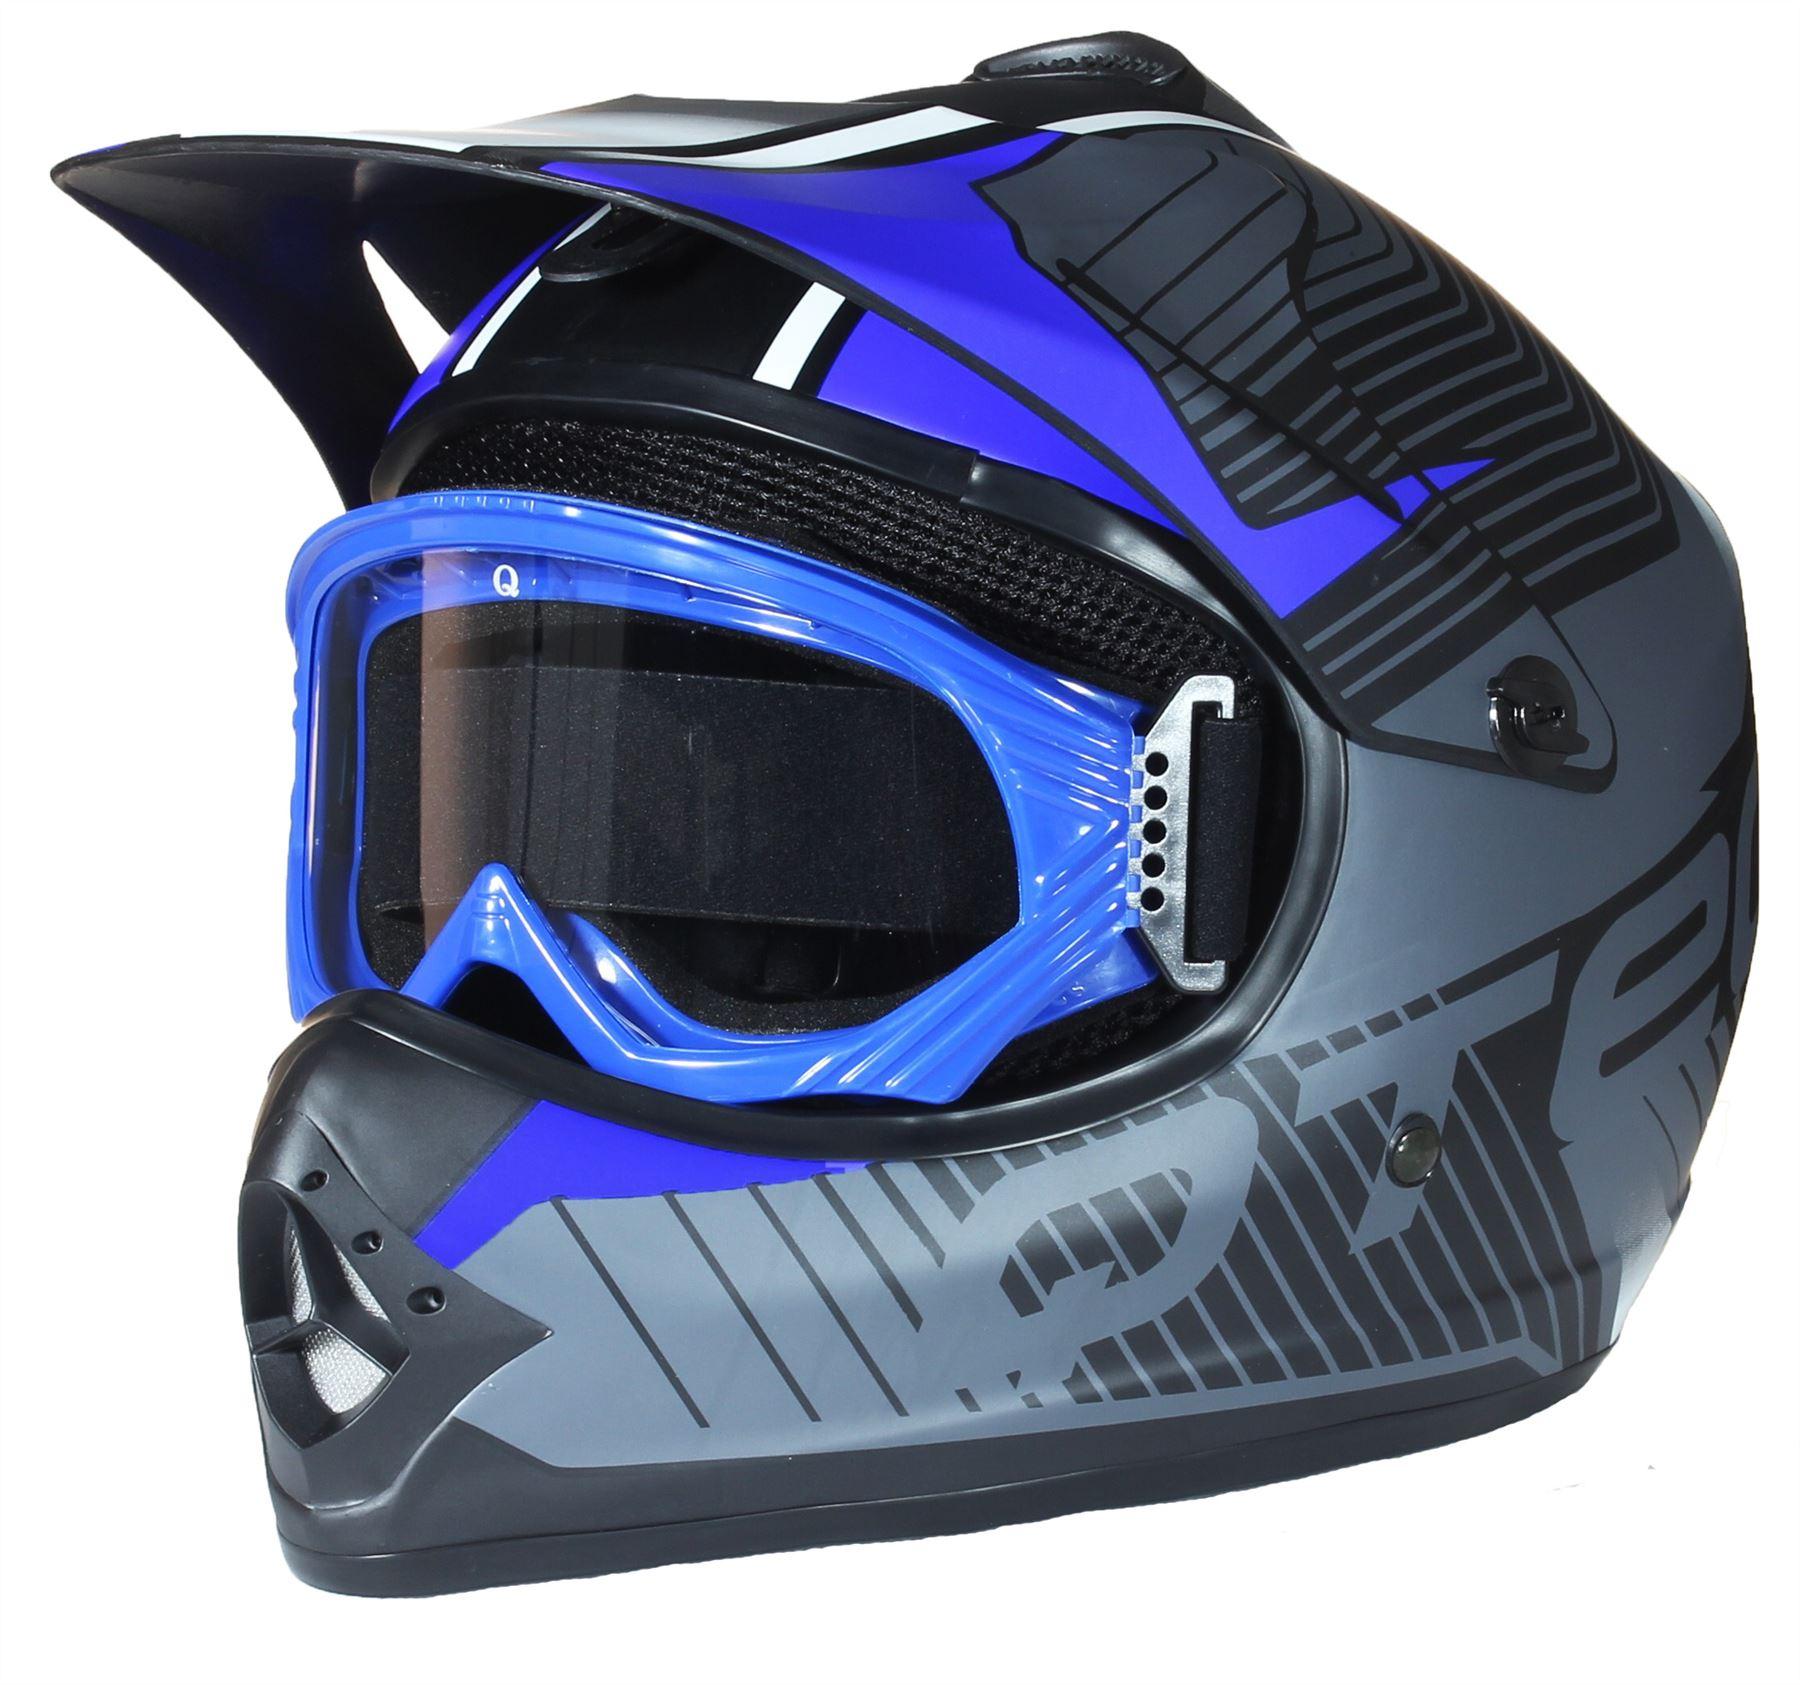 Casque de moto pour enfant avec lunettes de protection - Casque de motocross ...